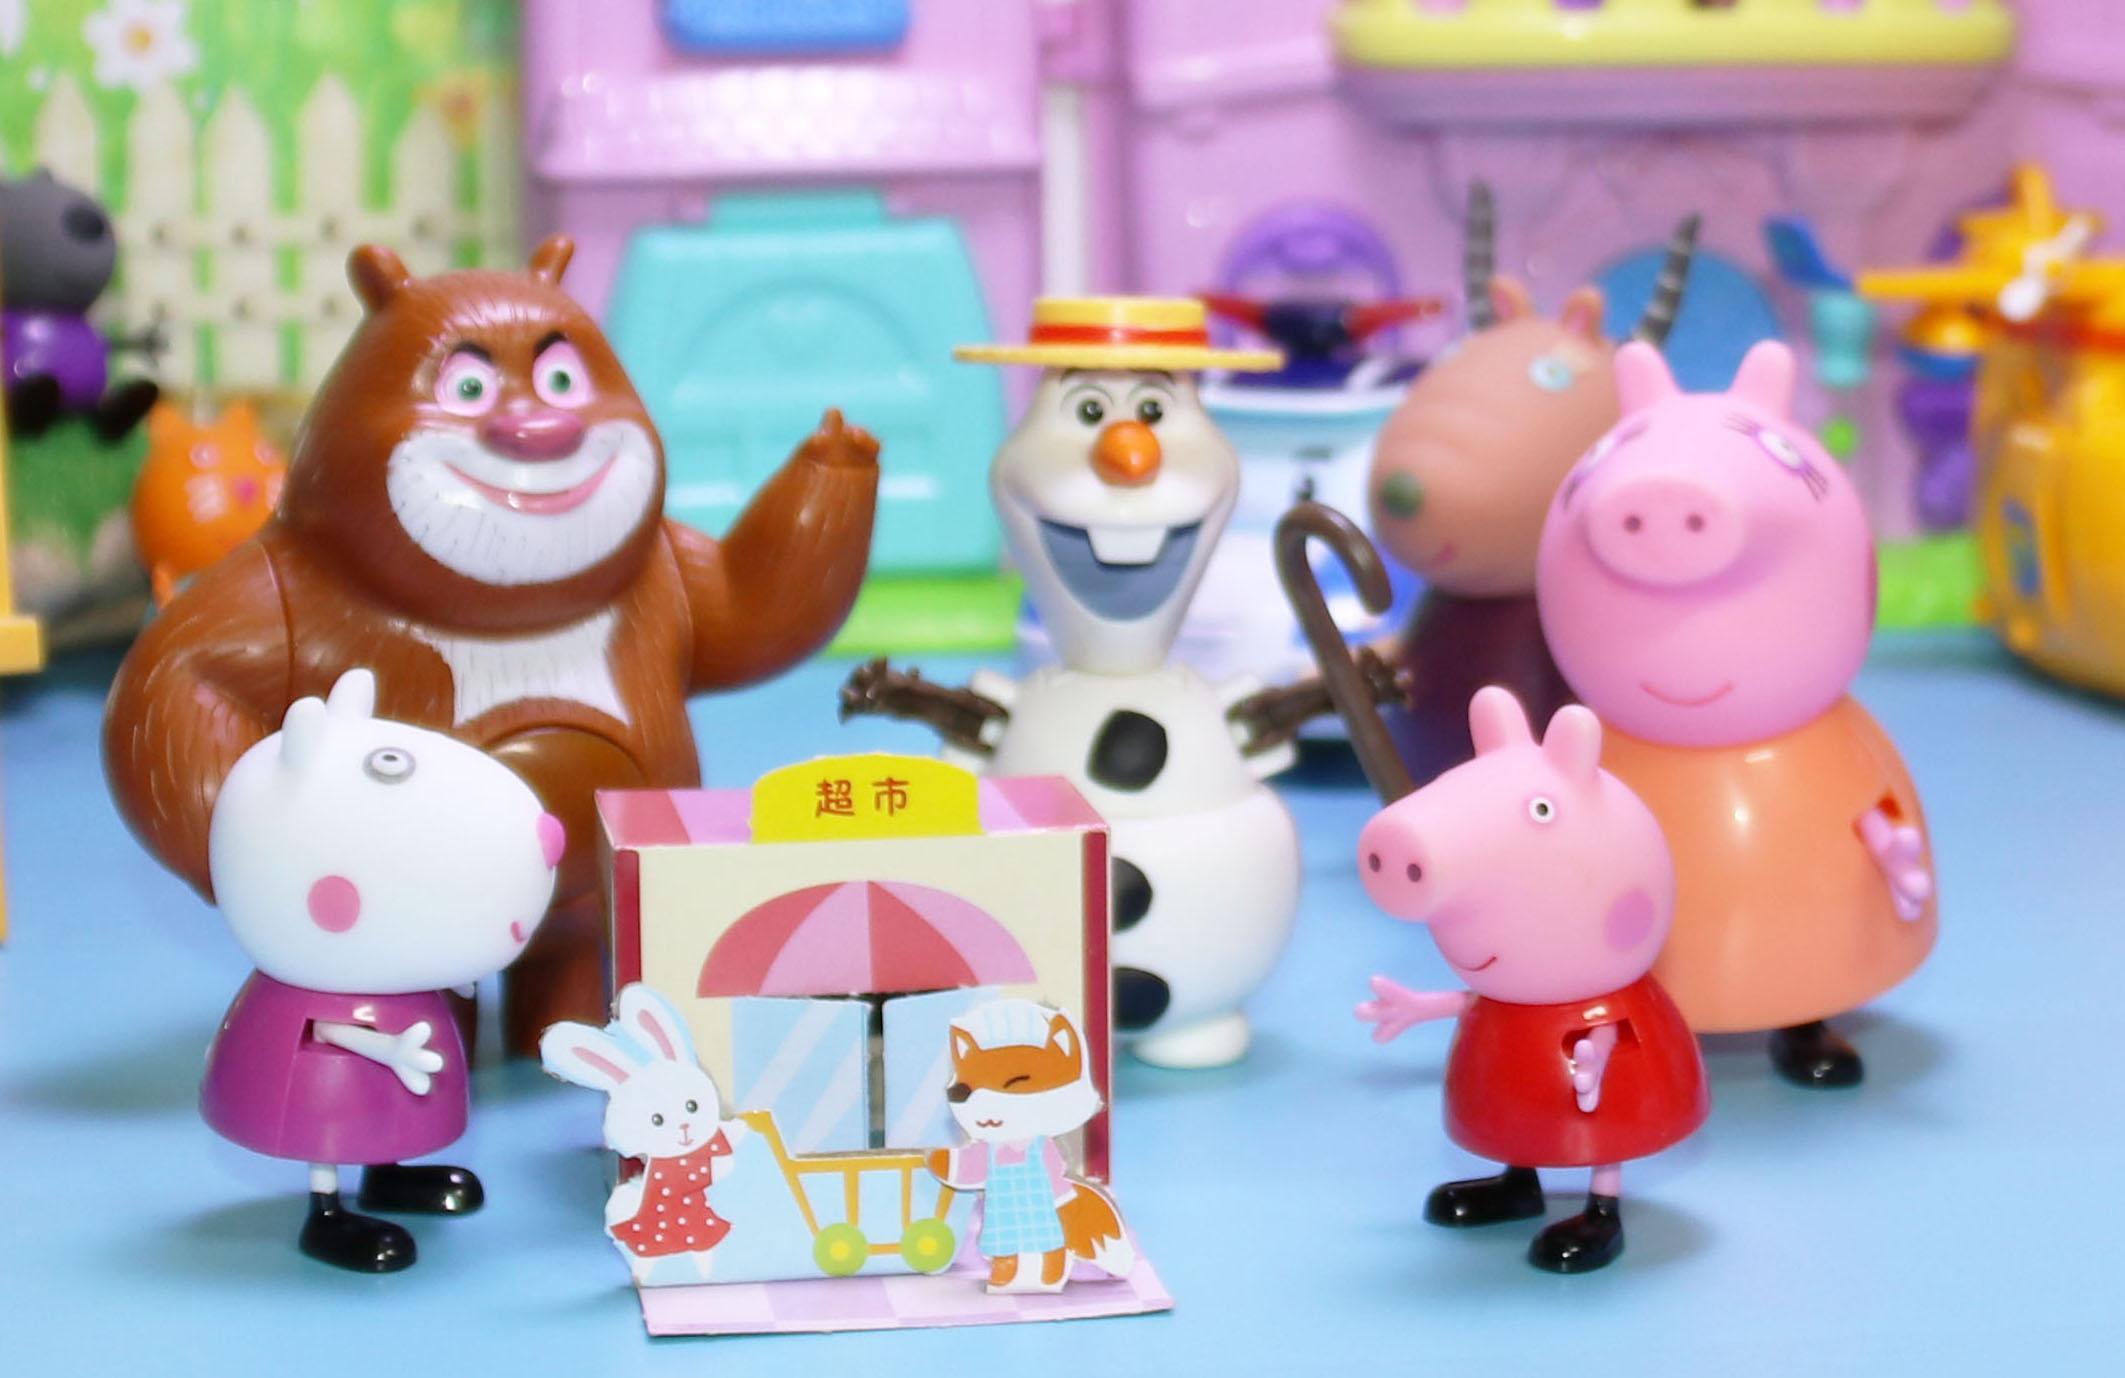 小猪佩奇去超市购买玩具白雪公主超级飞侠汪汪队立大功奥特曼咸蛋超人